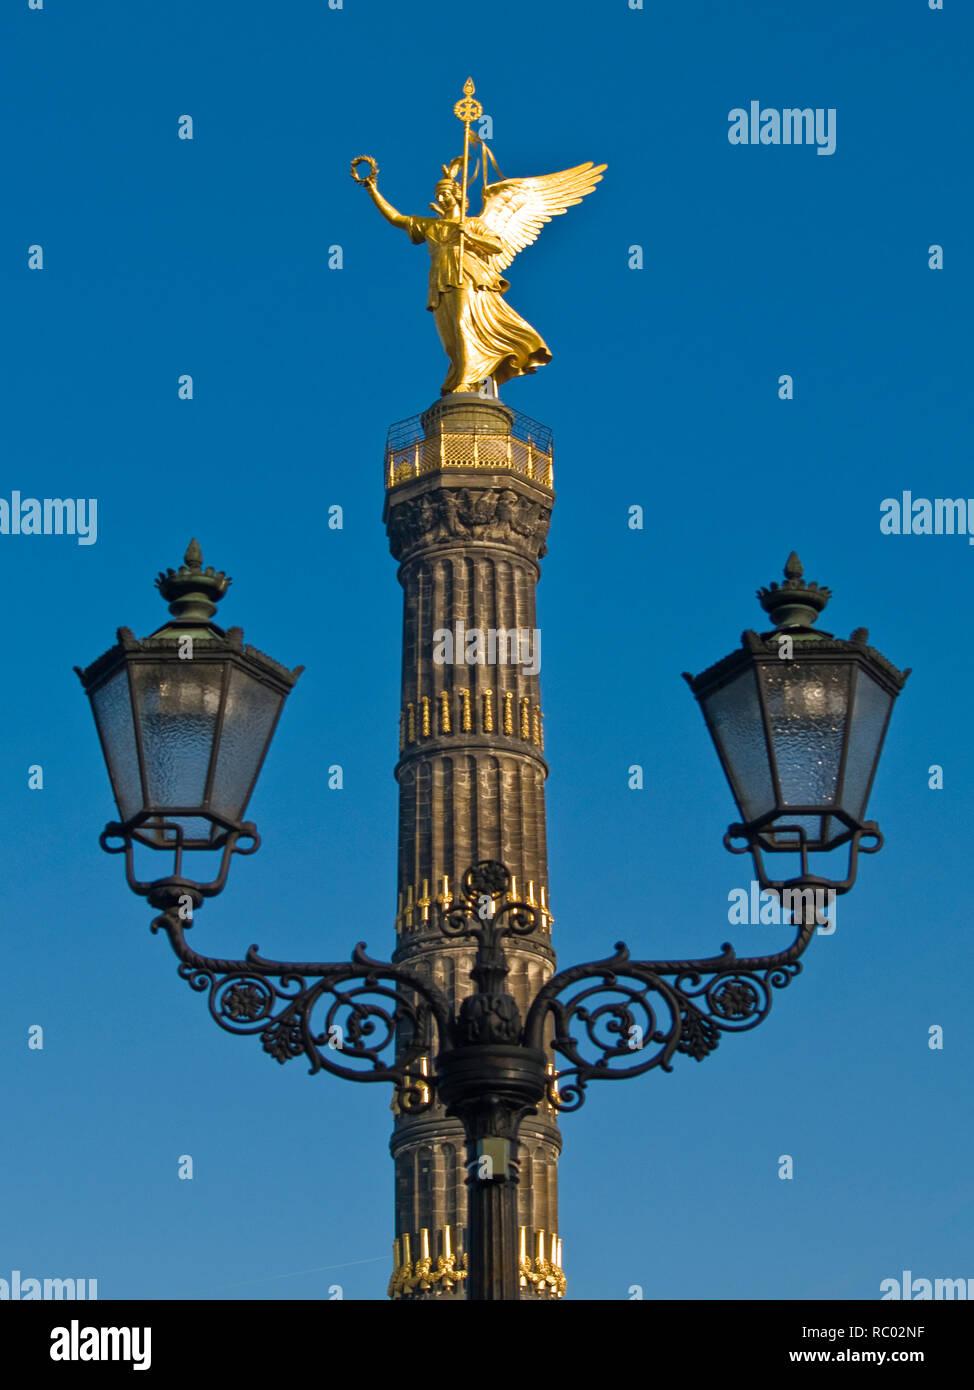 Siegessäule mit Victoria, davor steht eine alte Laterne, Berlin, Deutschland, Europa | Victory column with Victoria, in front is a latern, Berlin, Eur - Stock Image